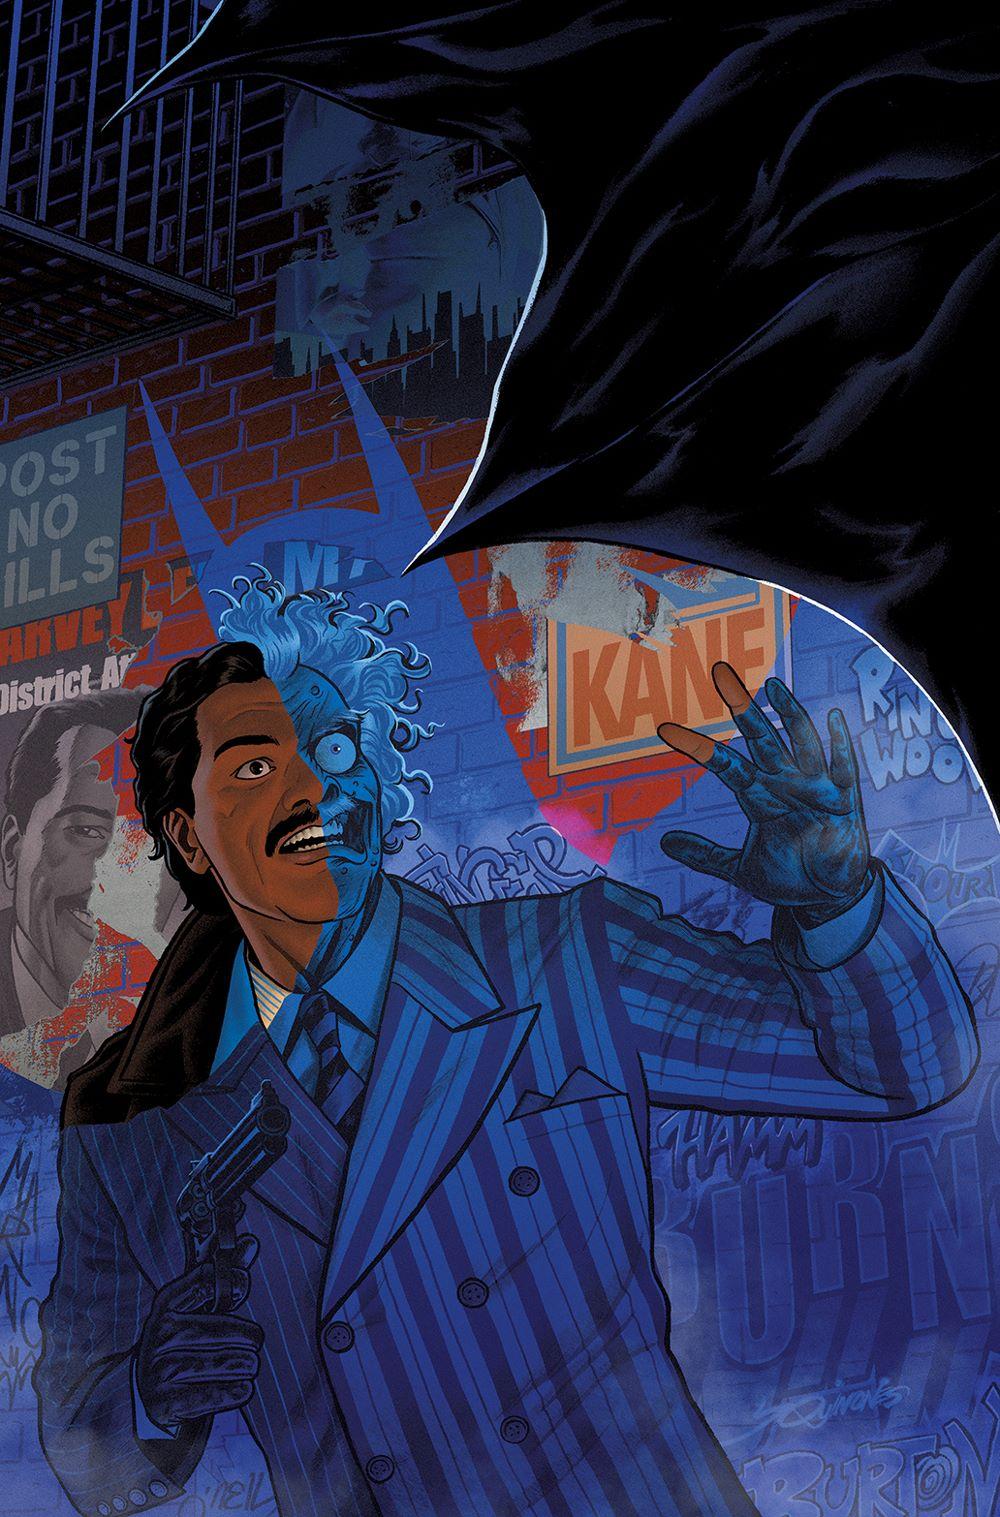 BATMAN_1989_Cover_2Face DC Comics September 2021 Solicitations